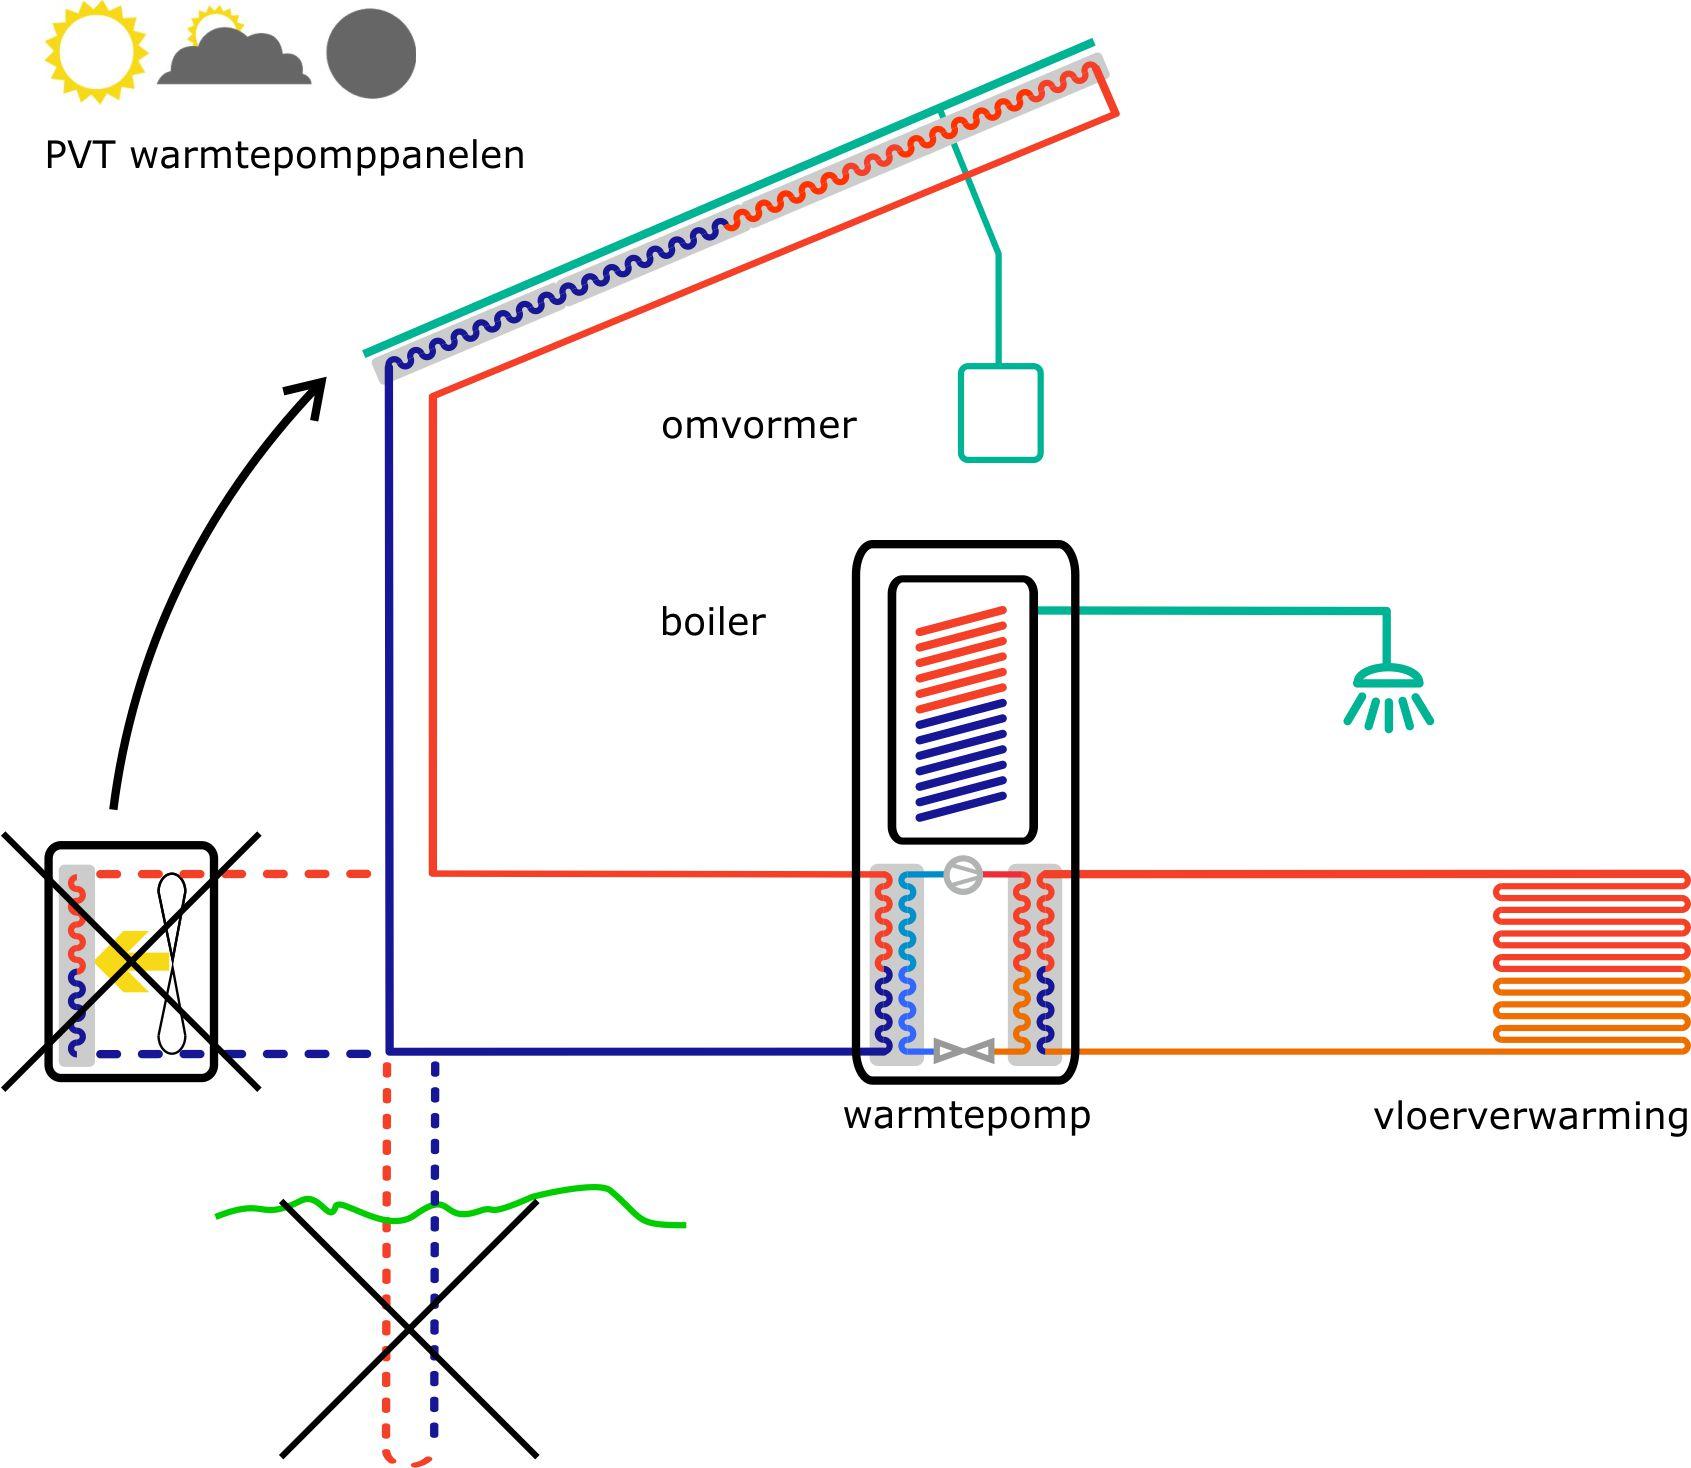 Triple-Solar-pvt-paneel-warmtepomppaneel-zonnepaneel-warmtepomp-3-varianten 2018